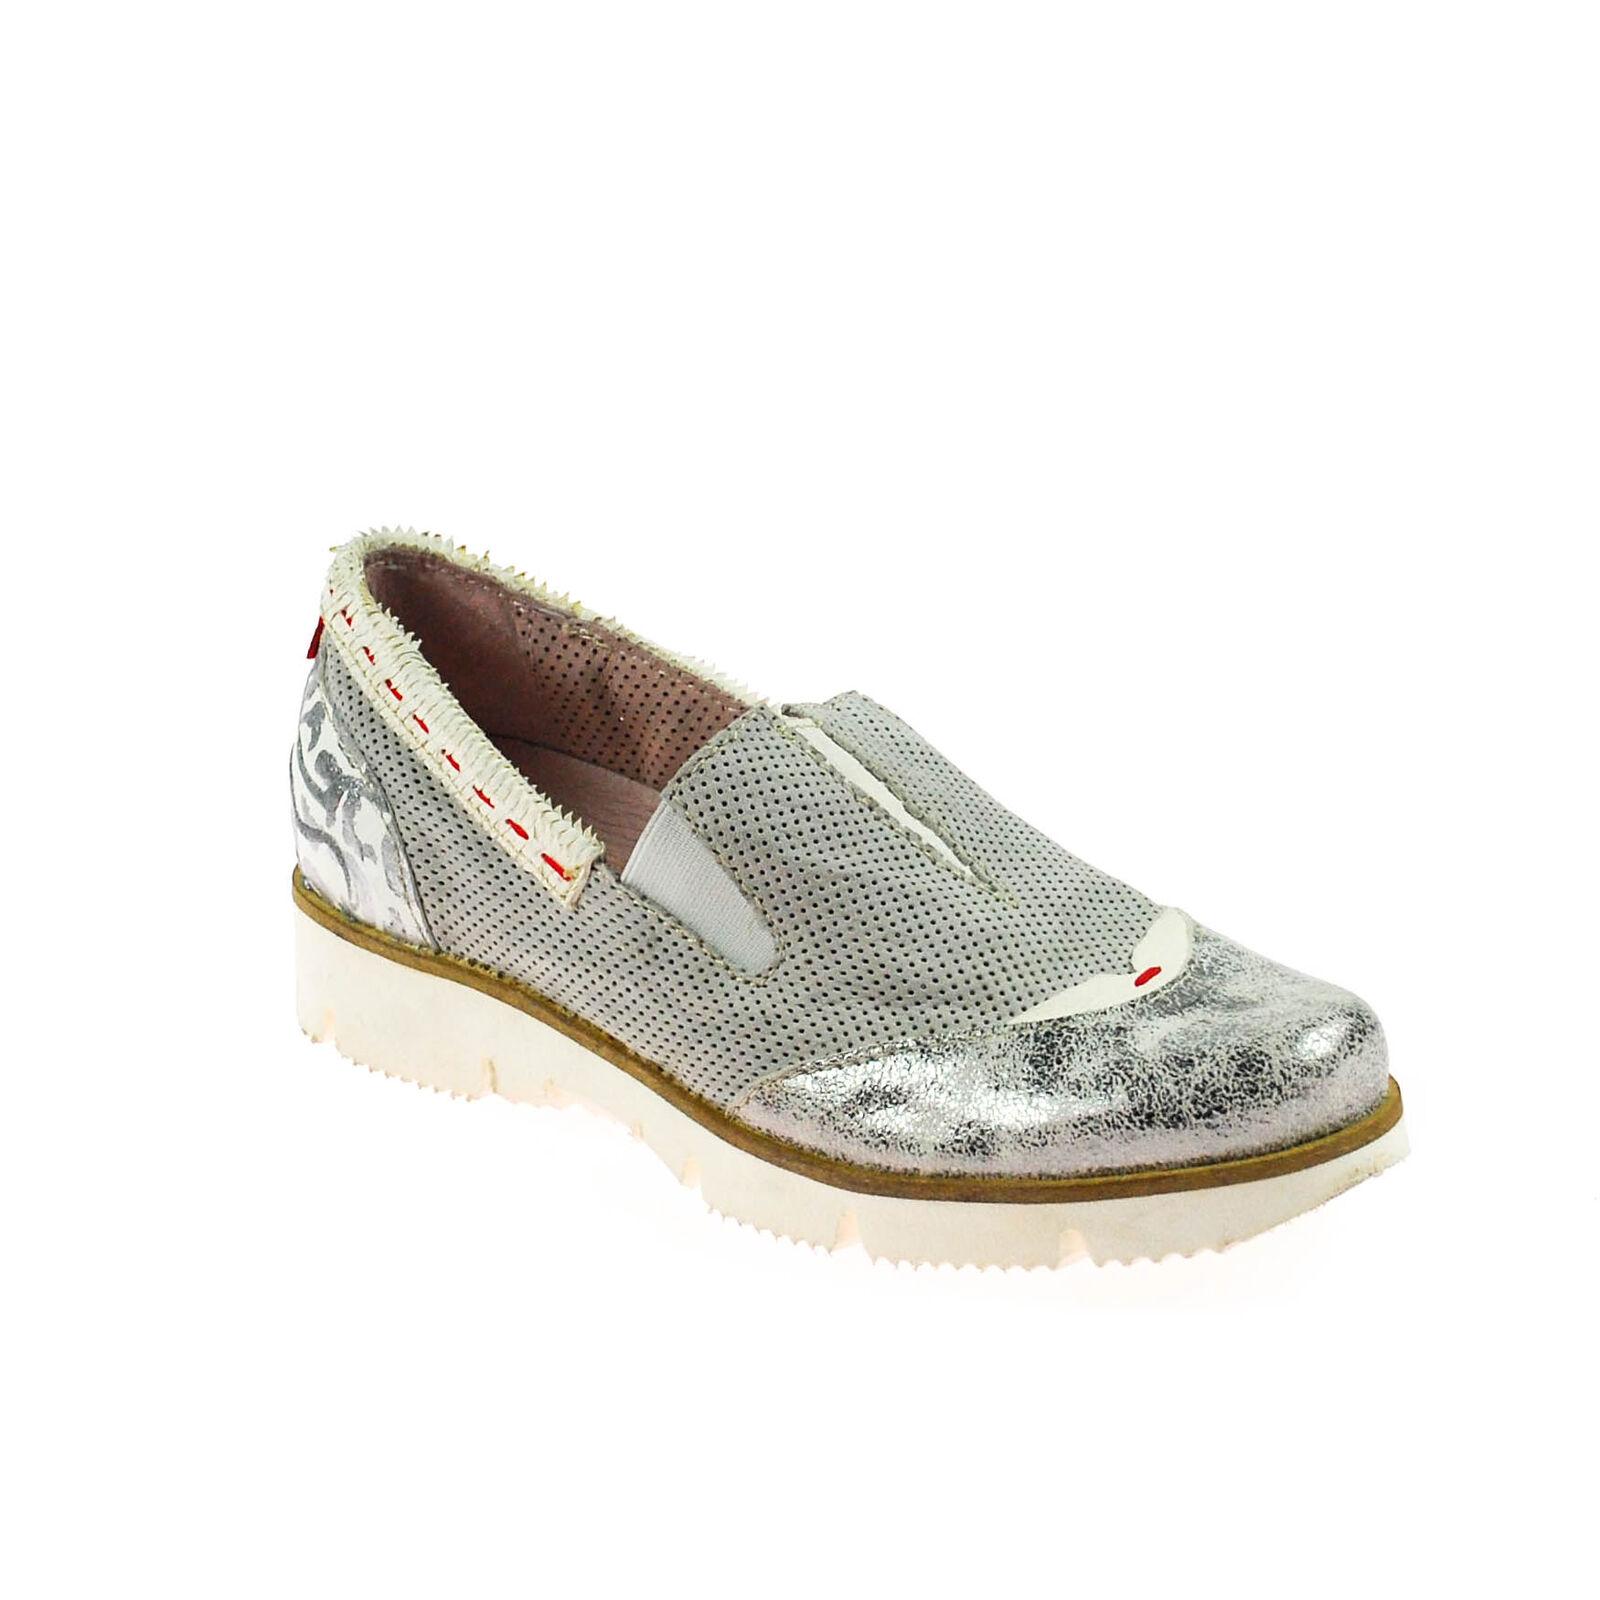 ultimi stili Fascino DONNA mezza Scarpa scarpe scarpe scarpe da ginnastica Pelle Grigio argentoo Bianco Rosso Multicolore  alto sconto